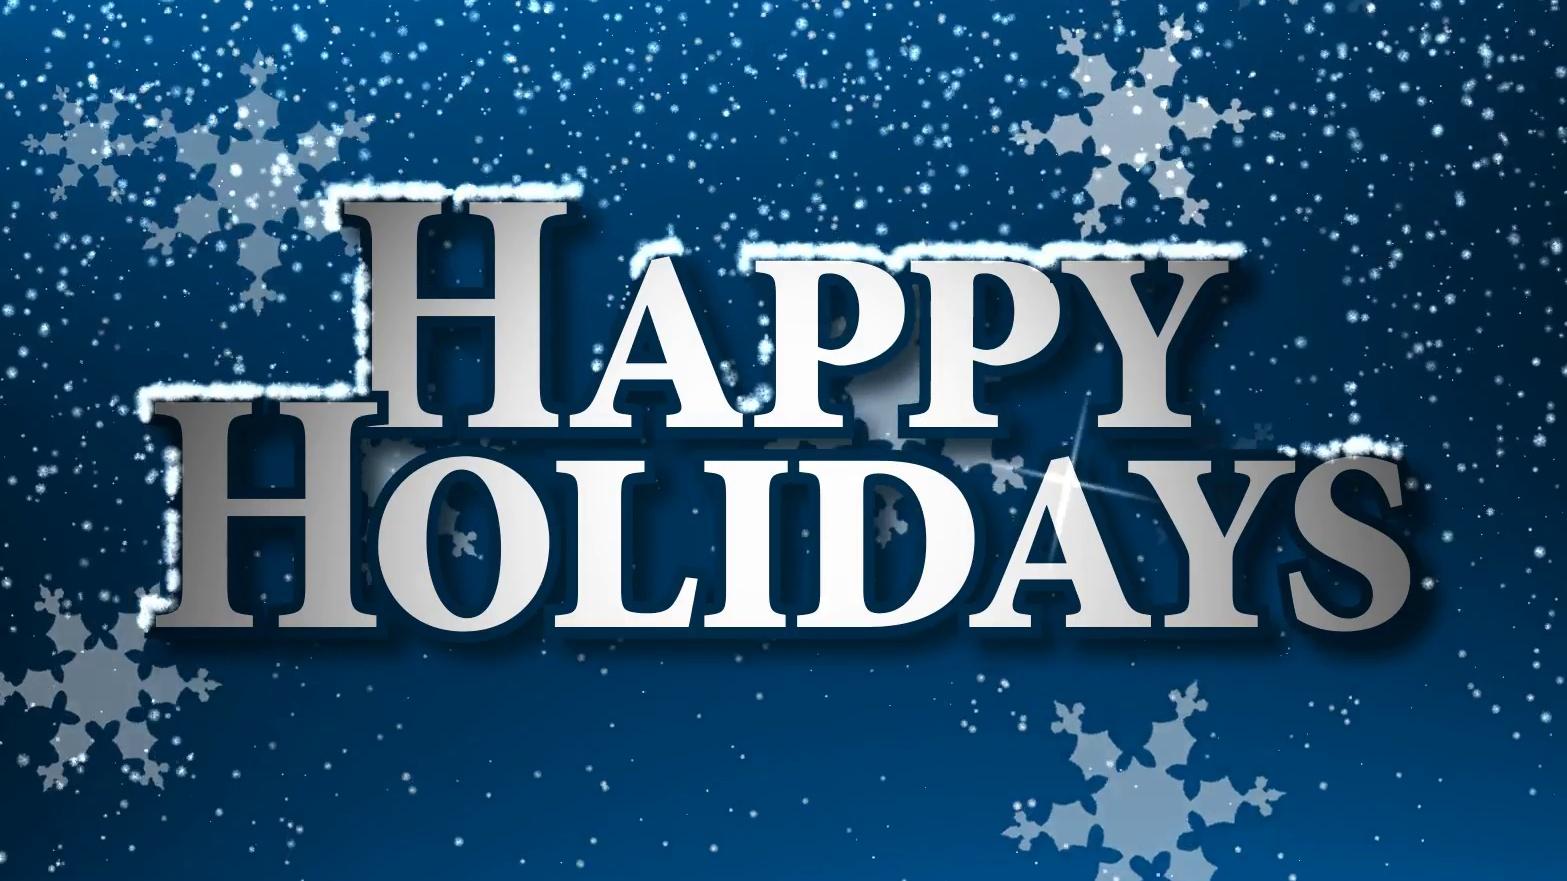 happy holidays là gì